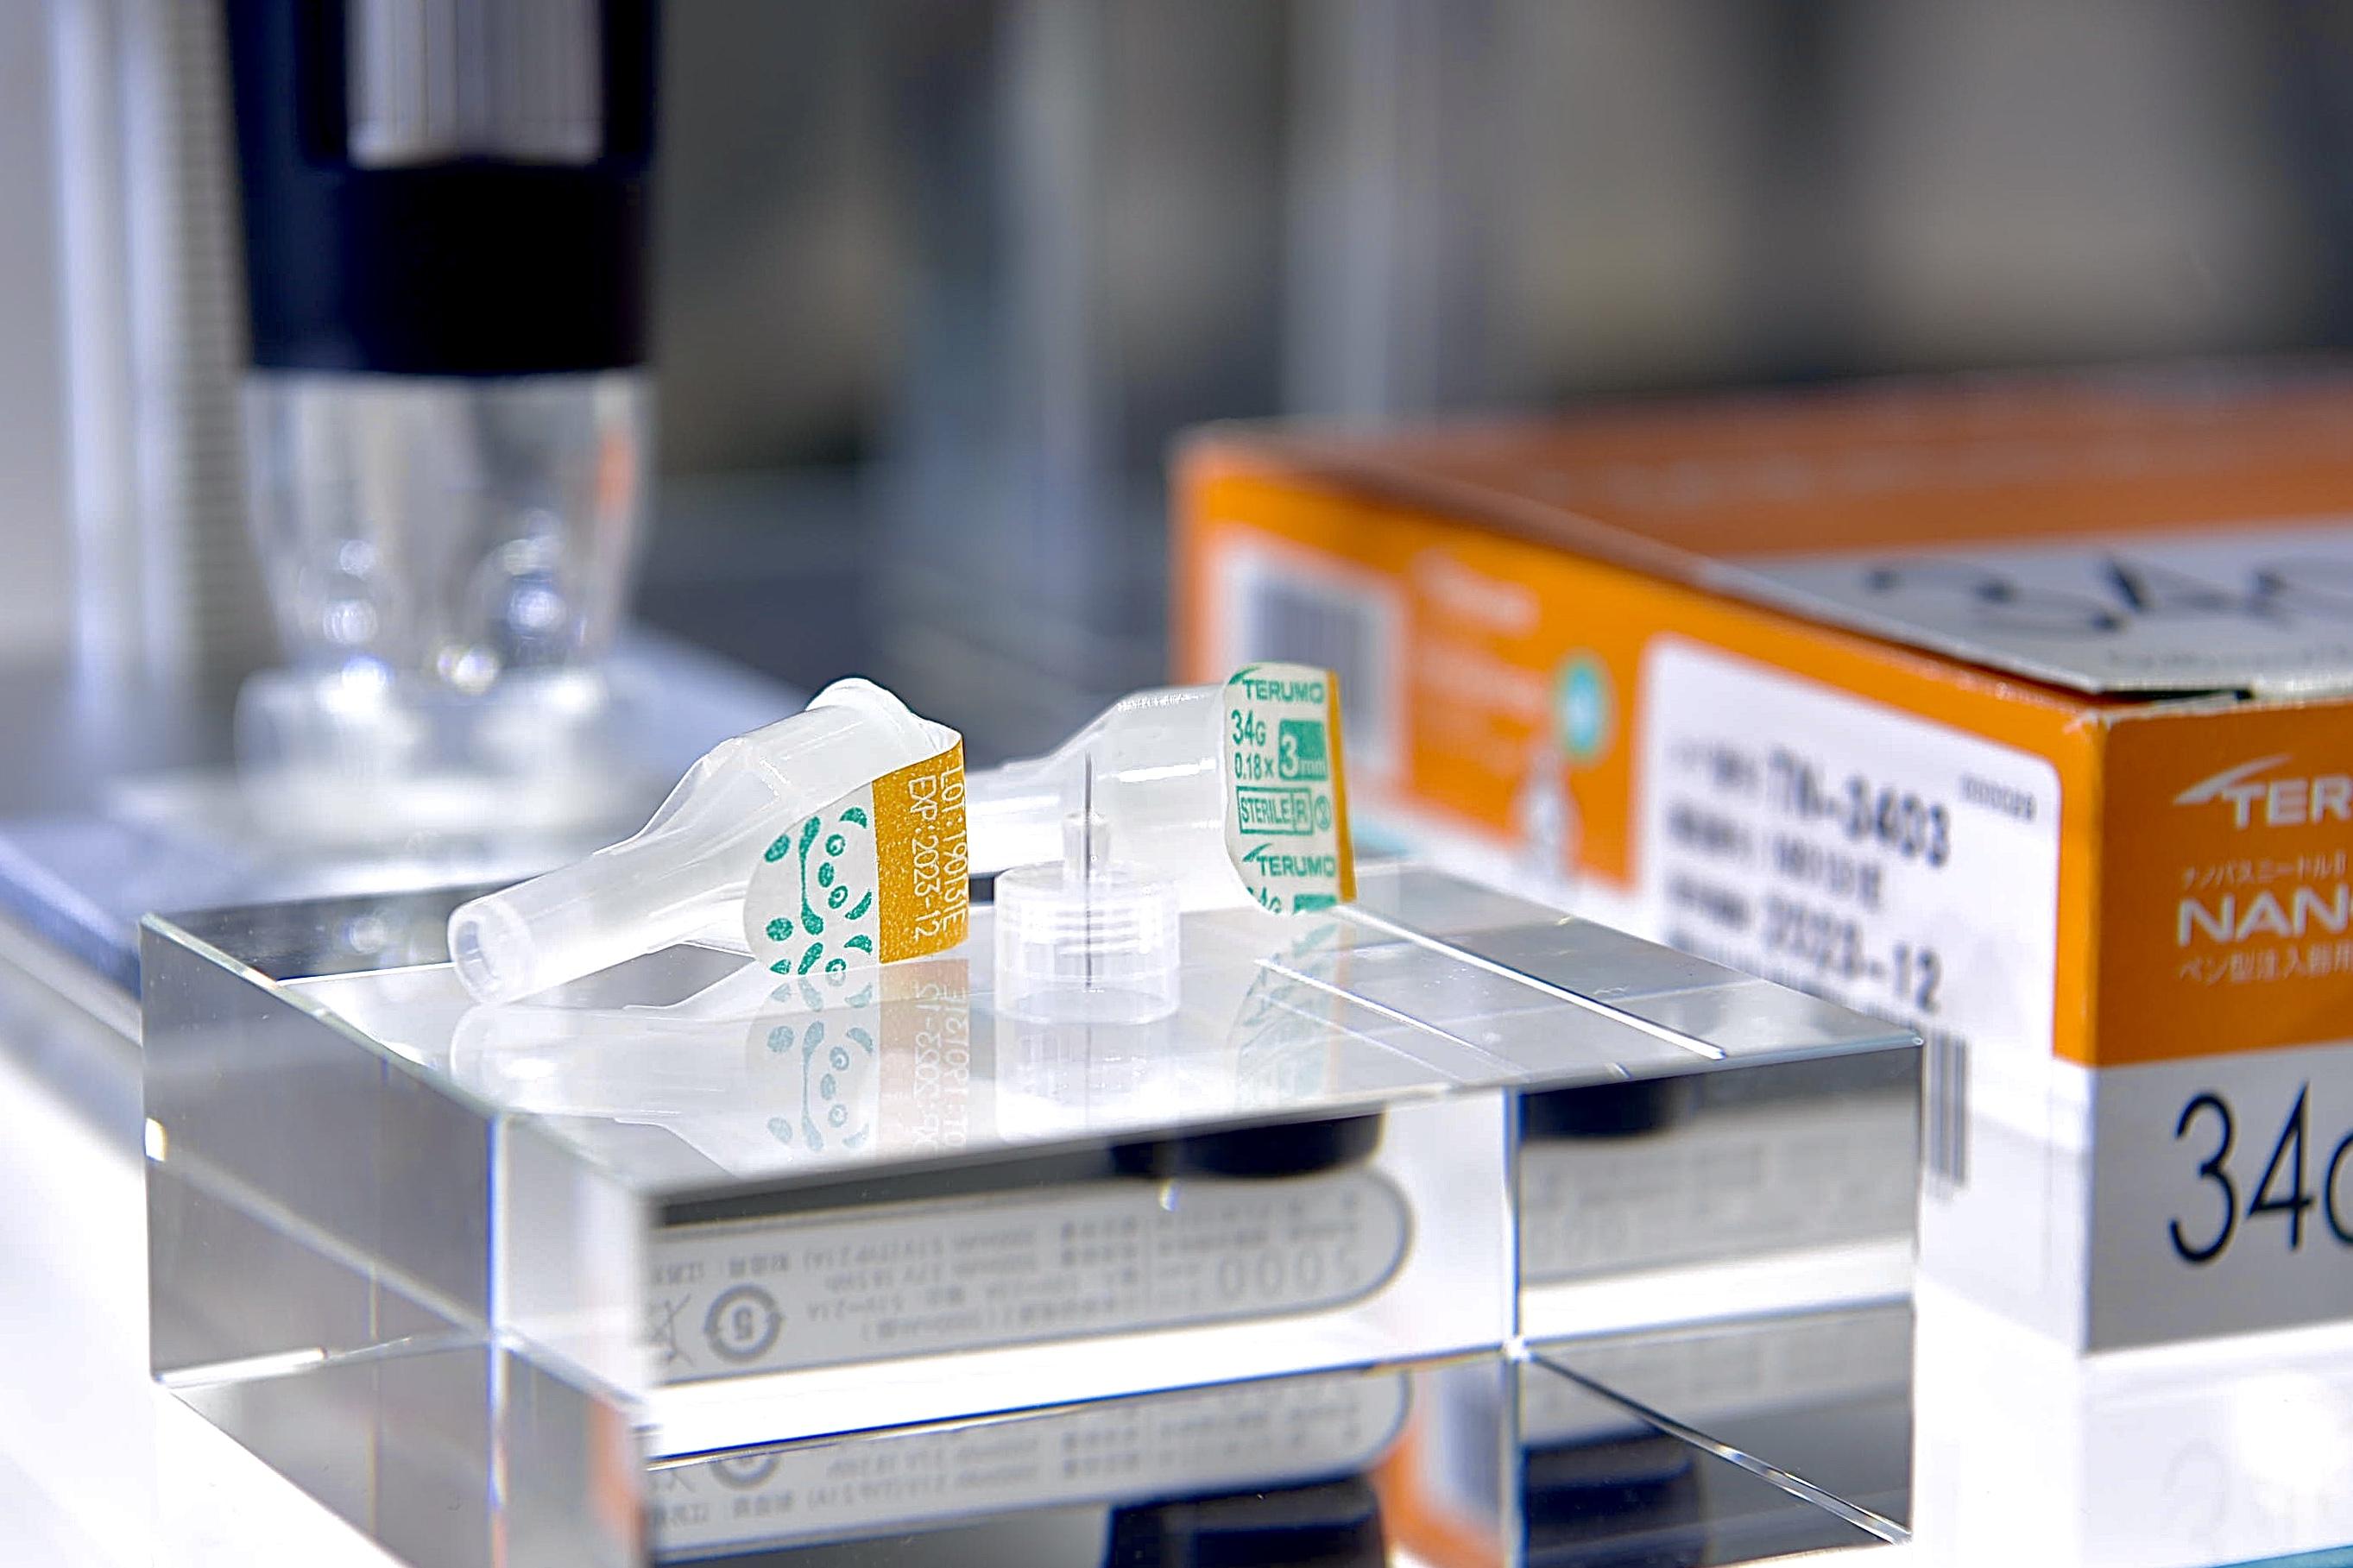 进博时间|长度仅3毫米,全球最短最细胰岛素注射针亮相进博会